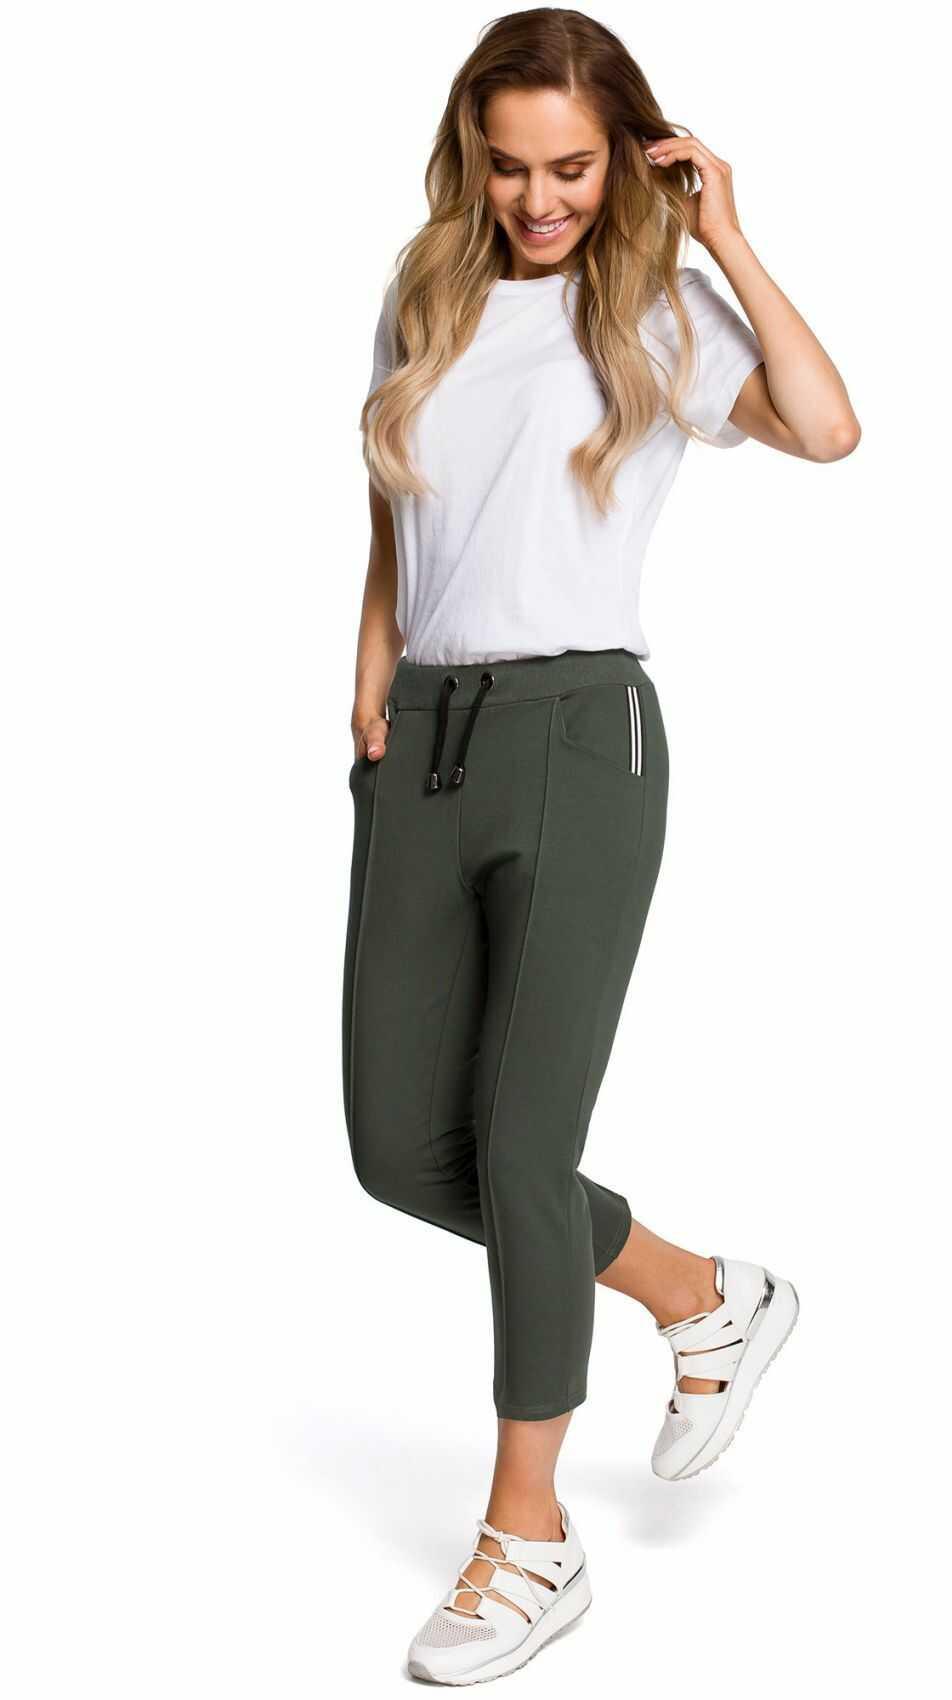 M411 Spodnie długości 7/8 dresowe - khaki